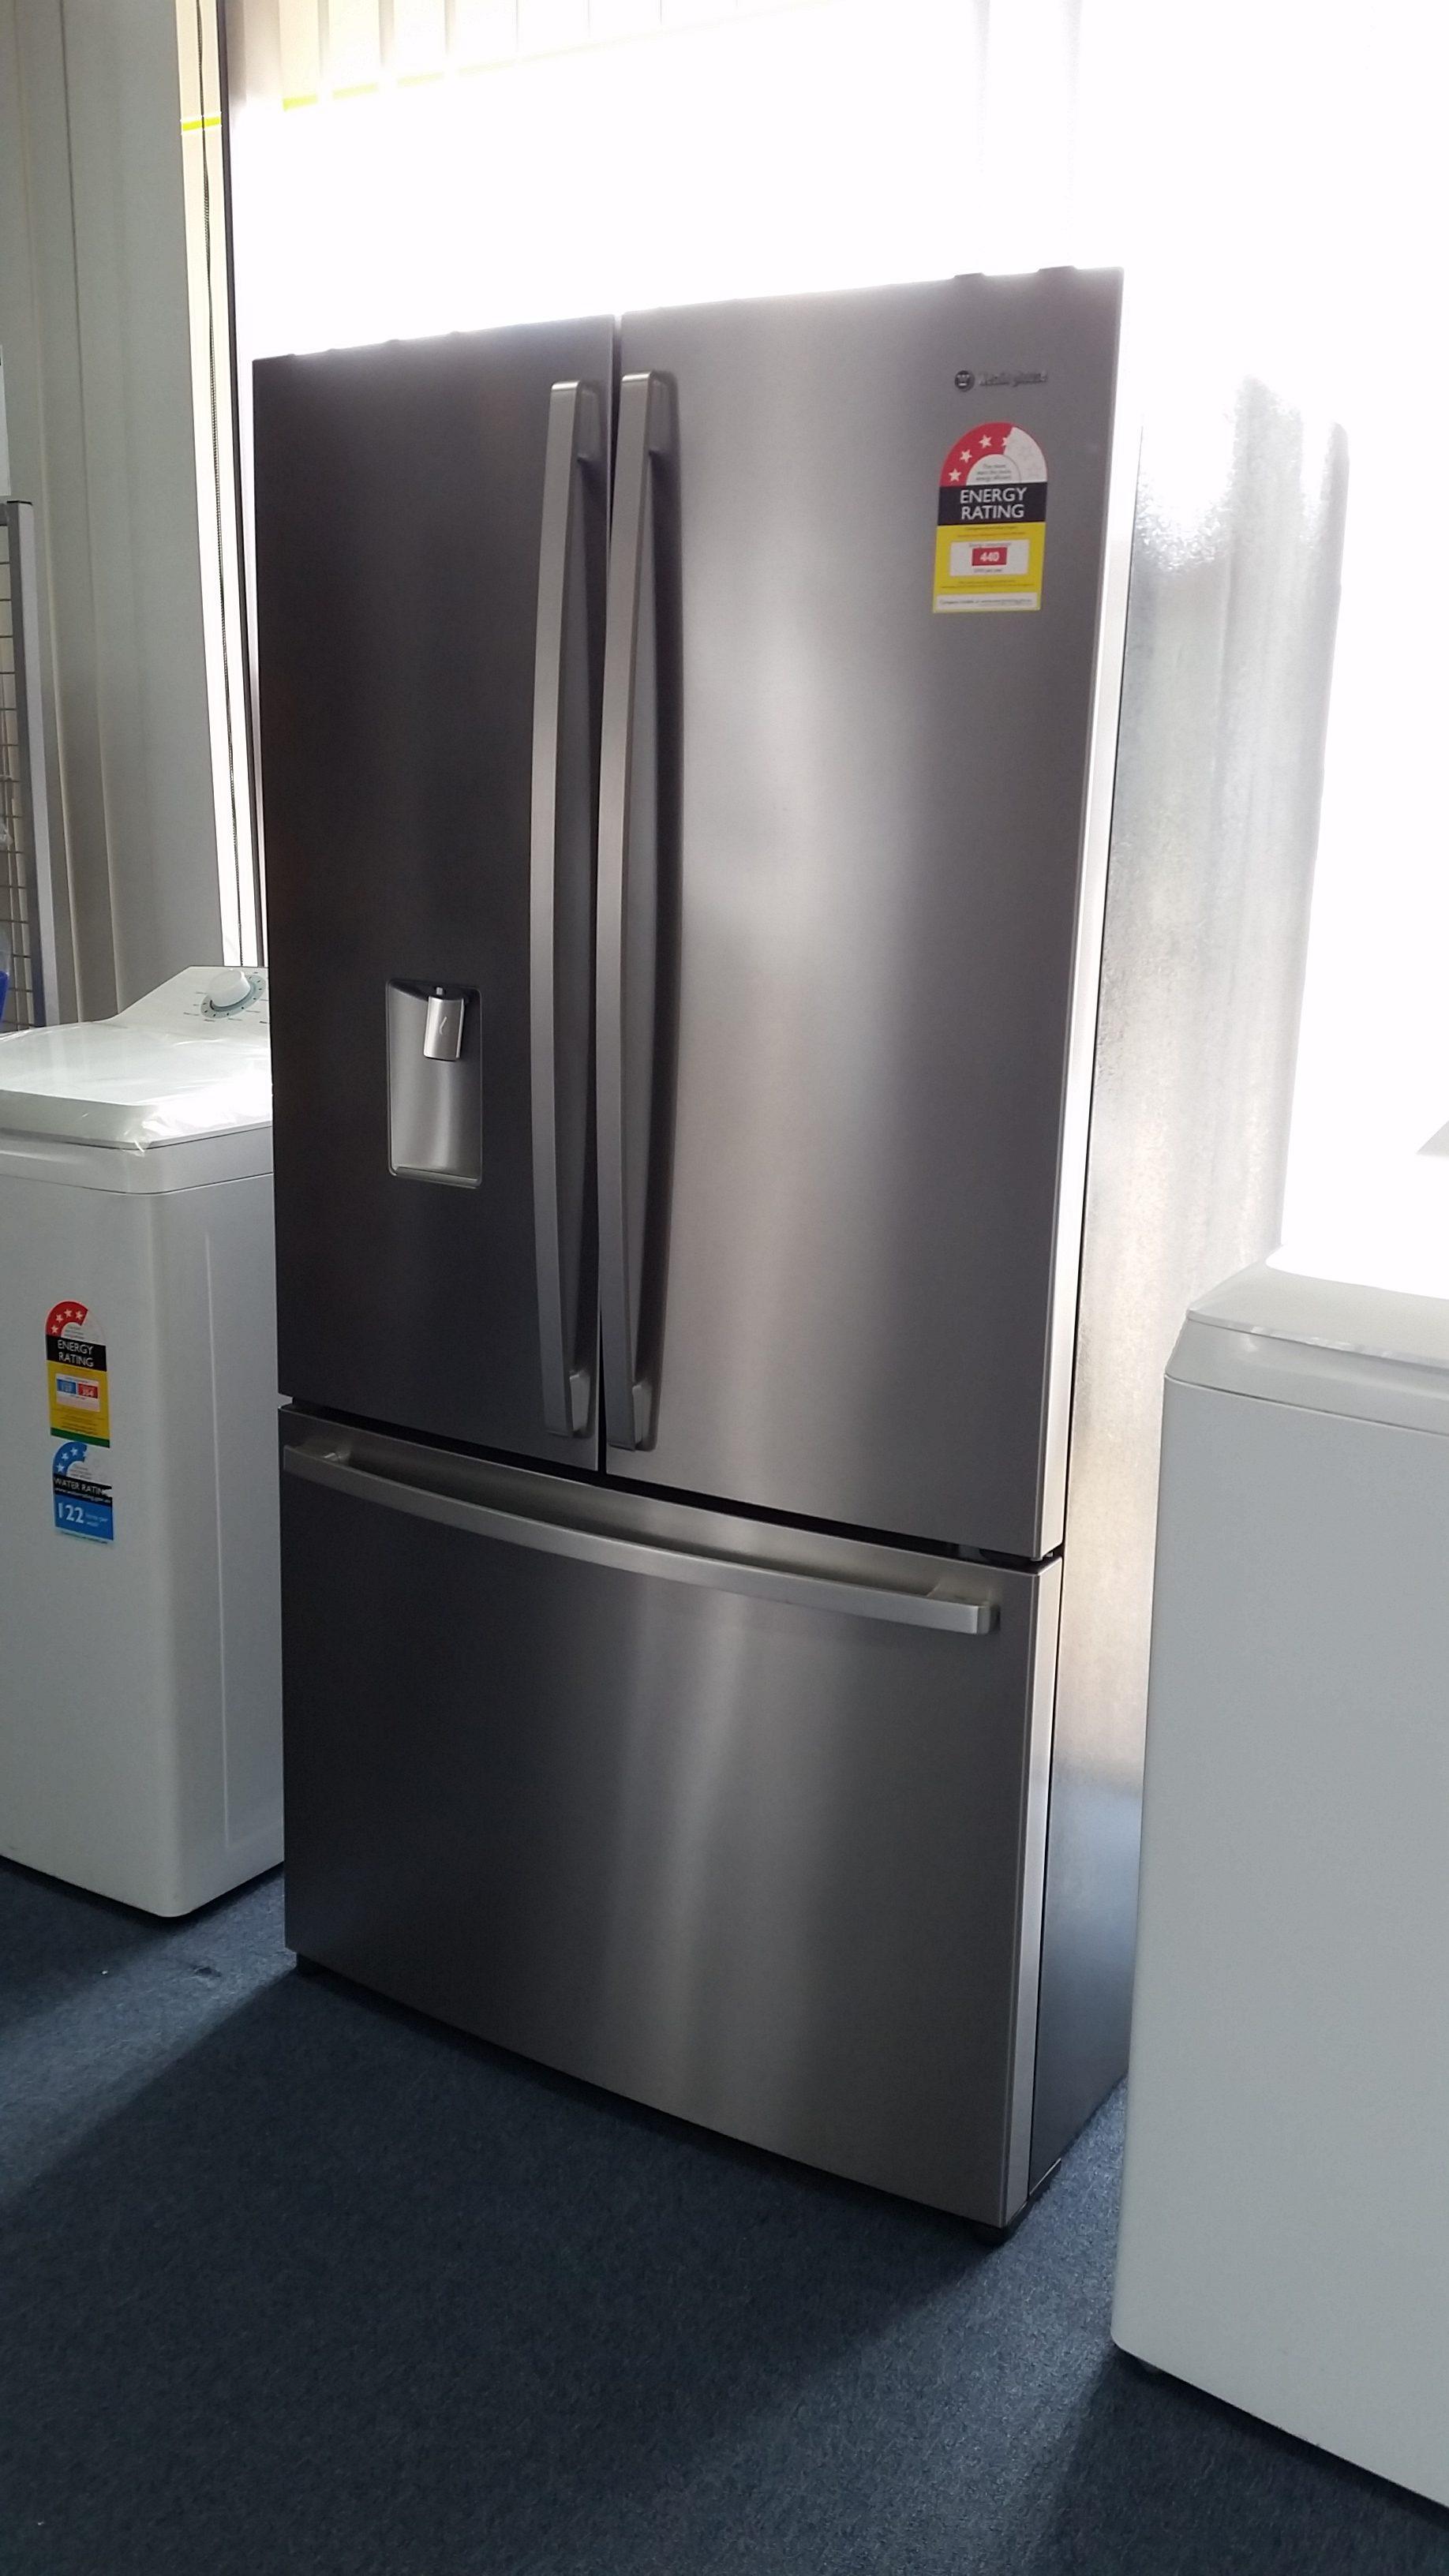 Westinghouse WHE6060SA-D french door fridge nov18 Doug Smith Spares granville